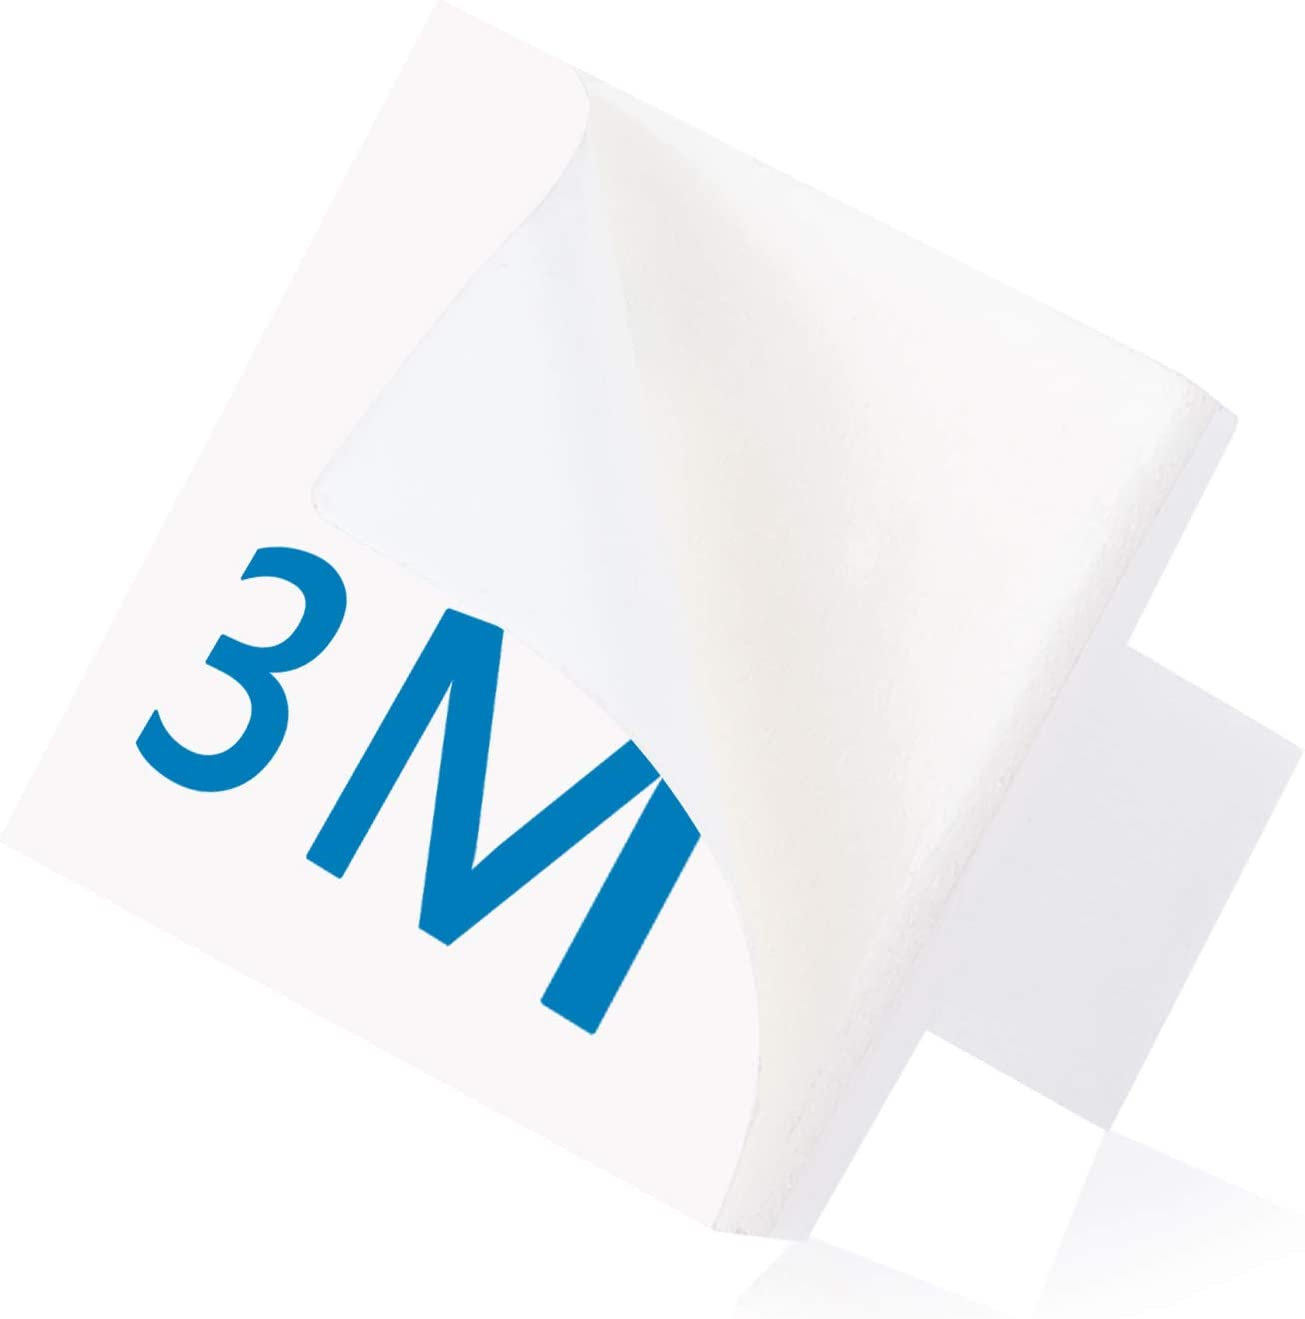 crampe de c/âble support de cordon organisateur de c/âbles en plastique gestion des clips de fil Whaline Clips de c/âble adh/ésifs blanc